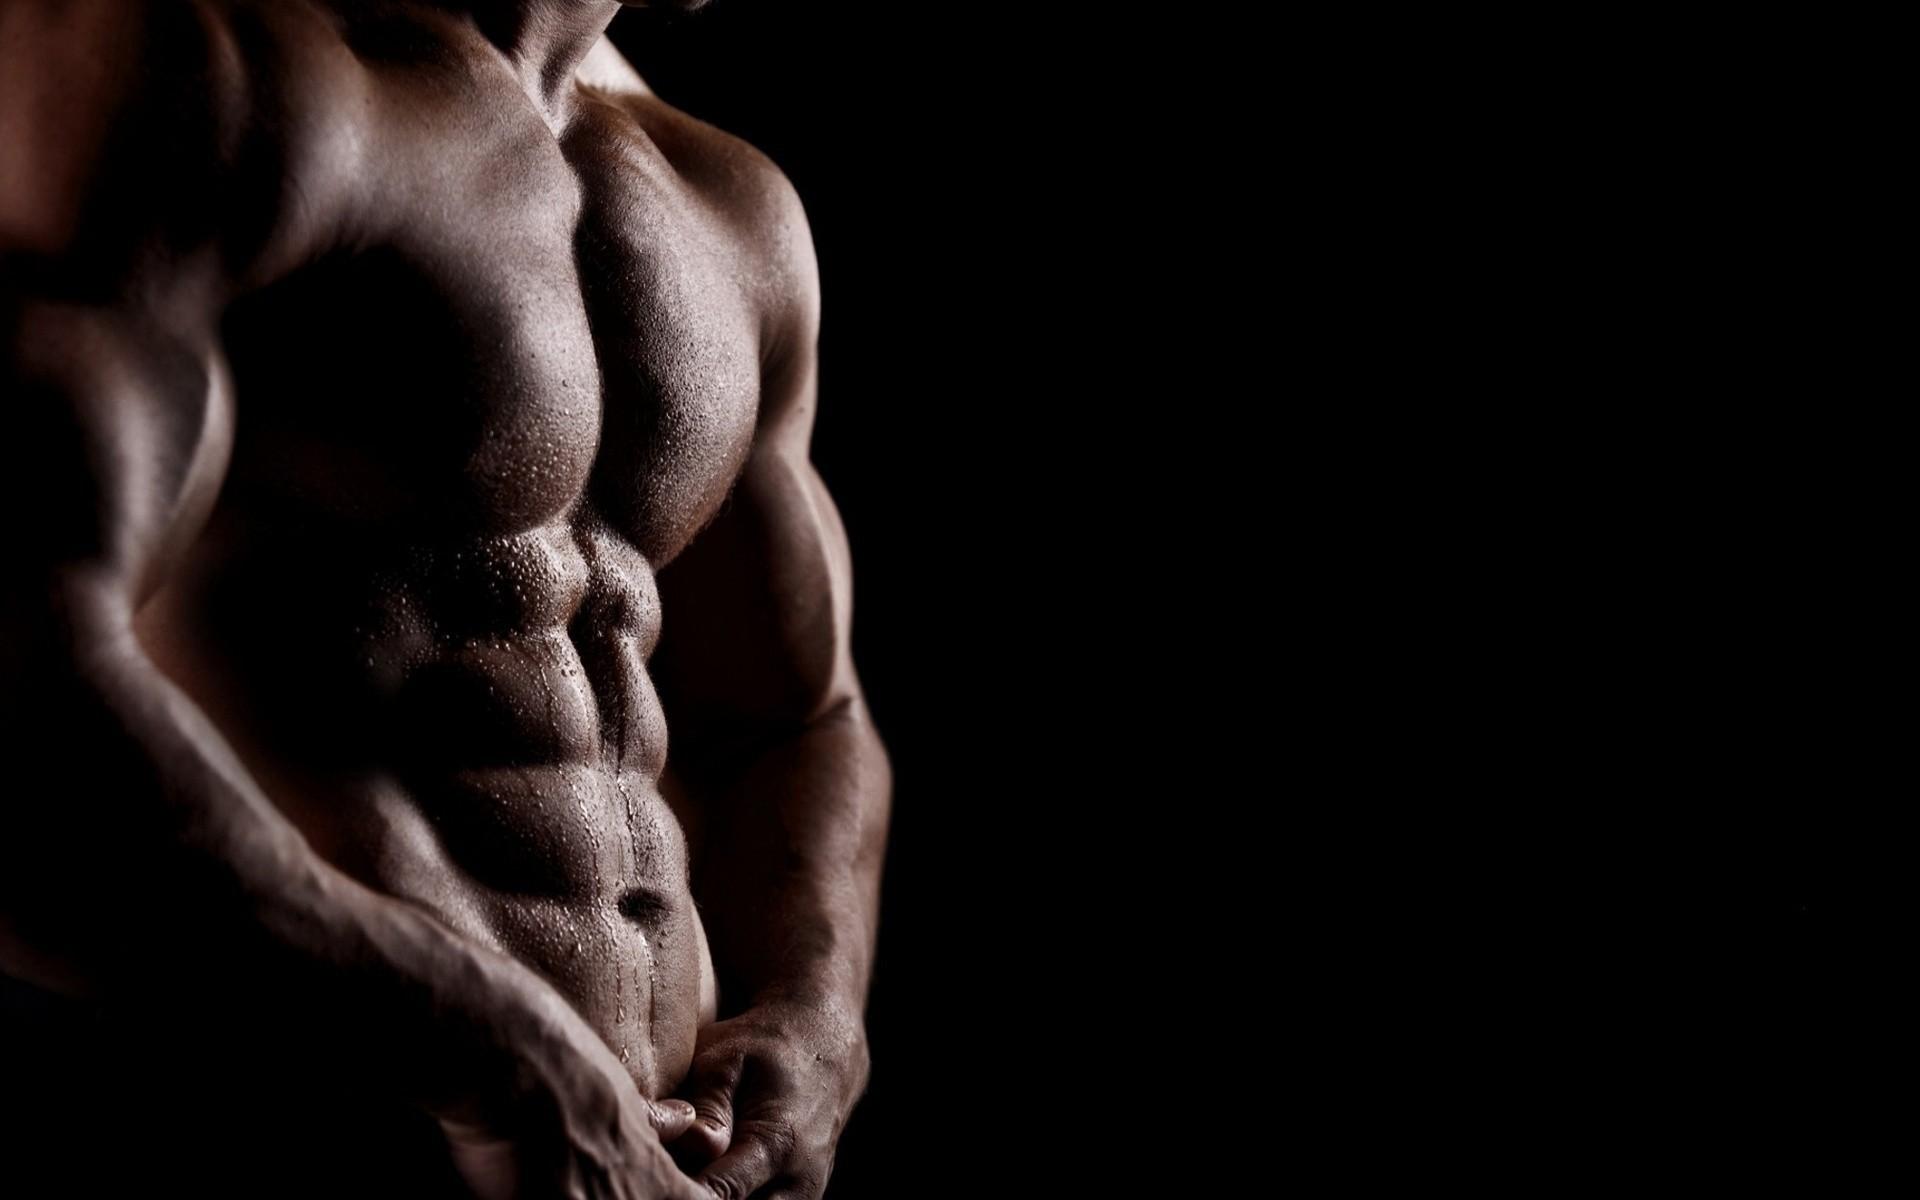 Fondos de pantalla : hombres, monocromo, espalda, abdominales ...